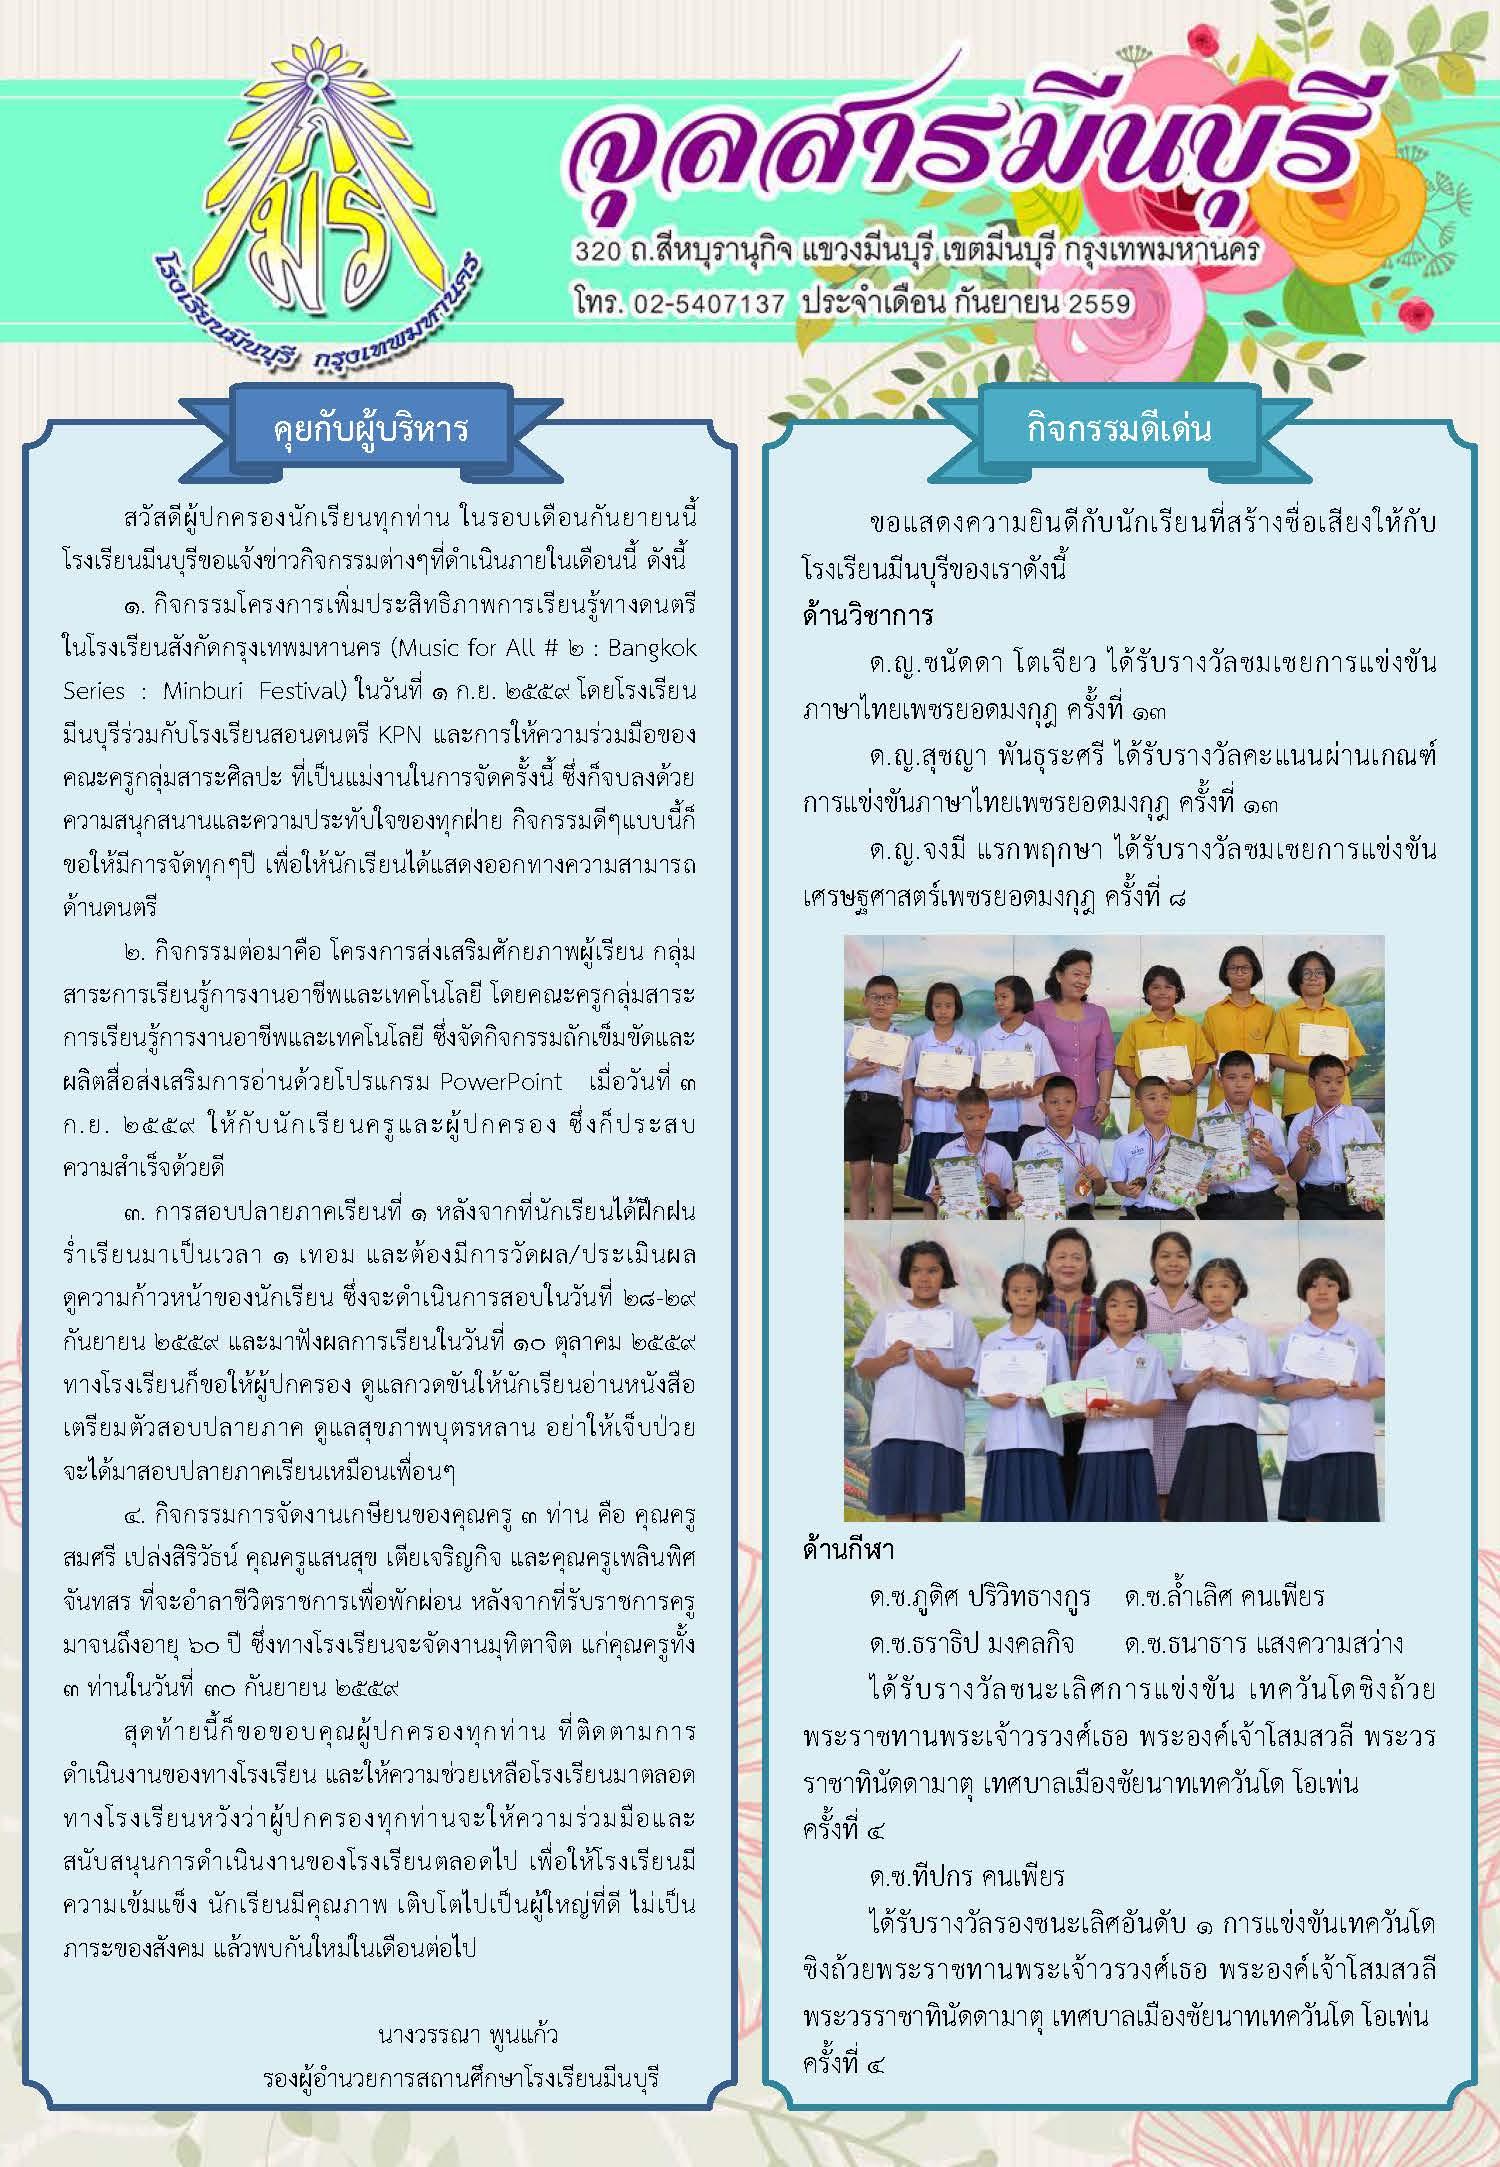 จุลสารมีนบุรี ฉบับเดือน กันยายน 2559